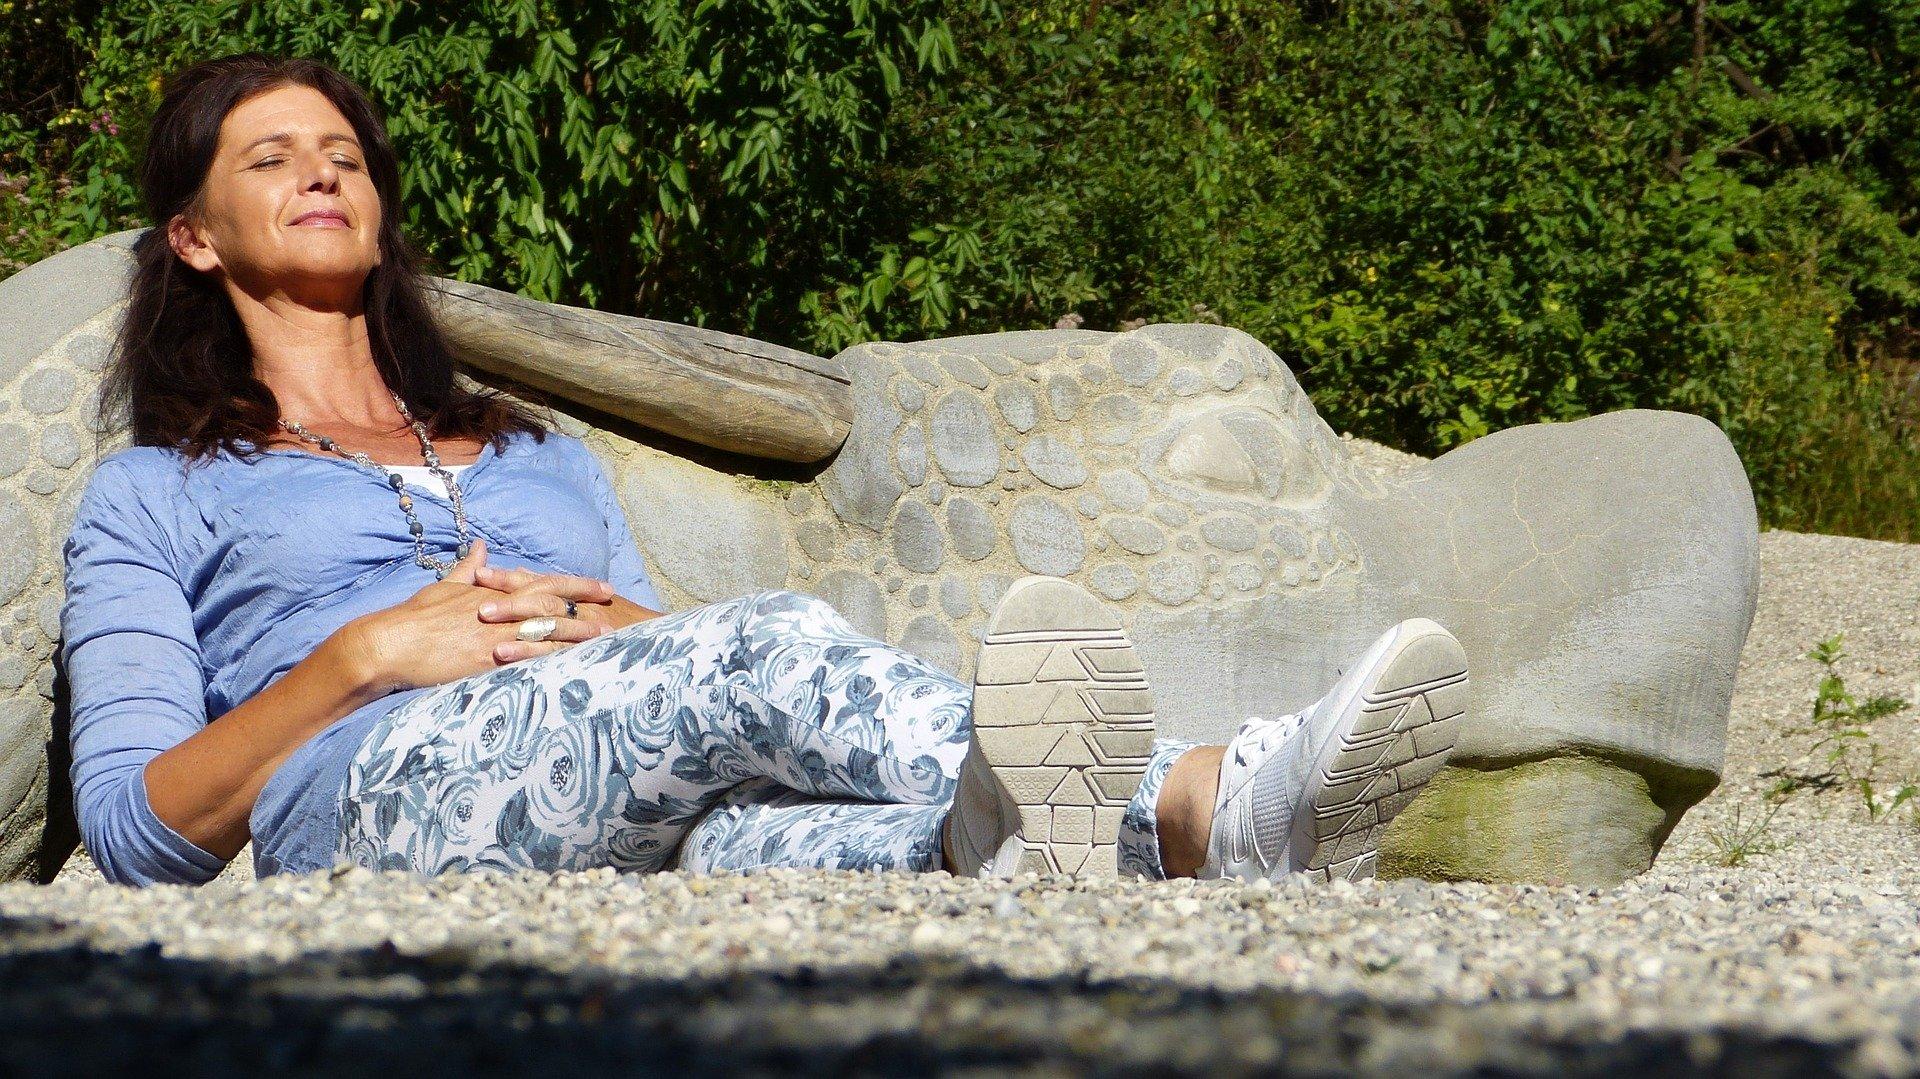 menopausa dona pixabay